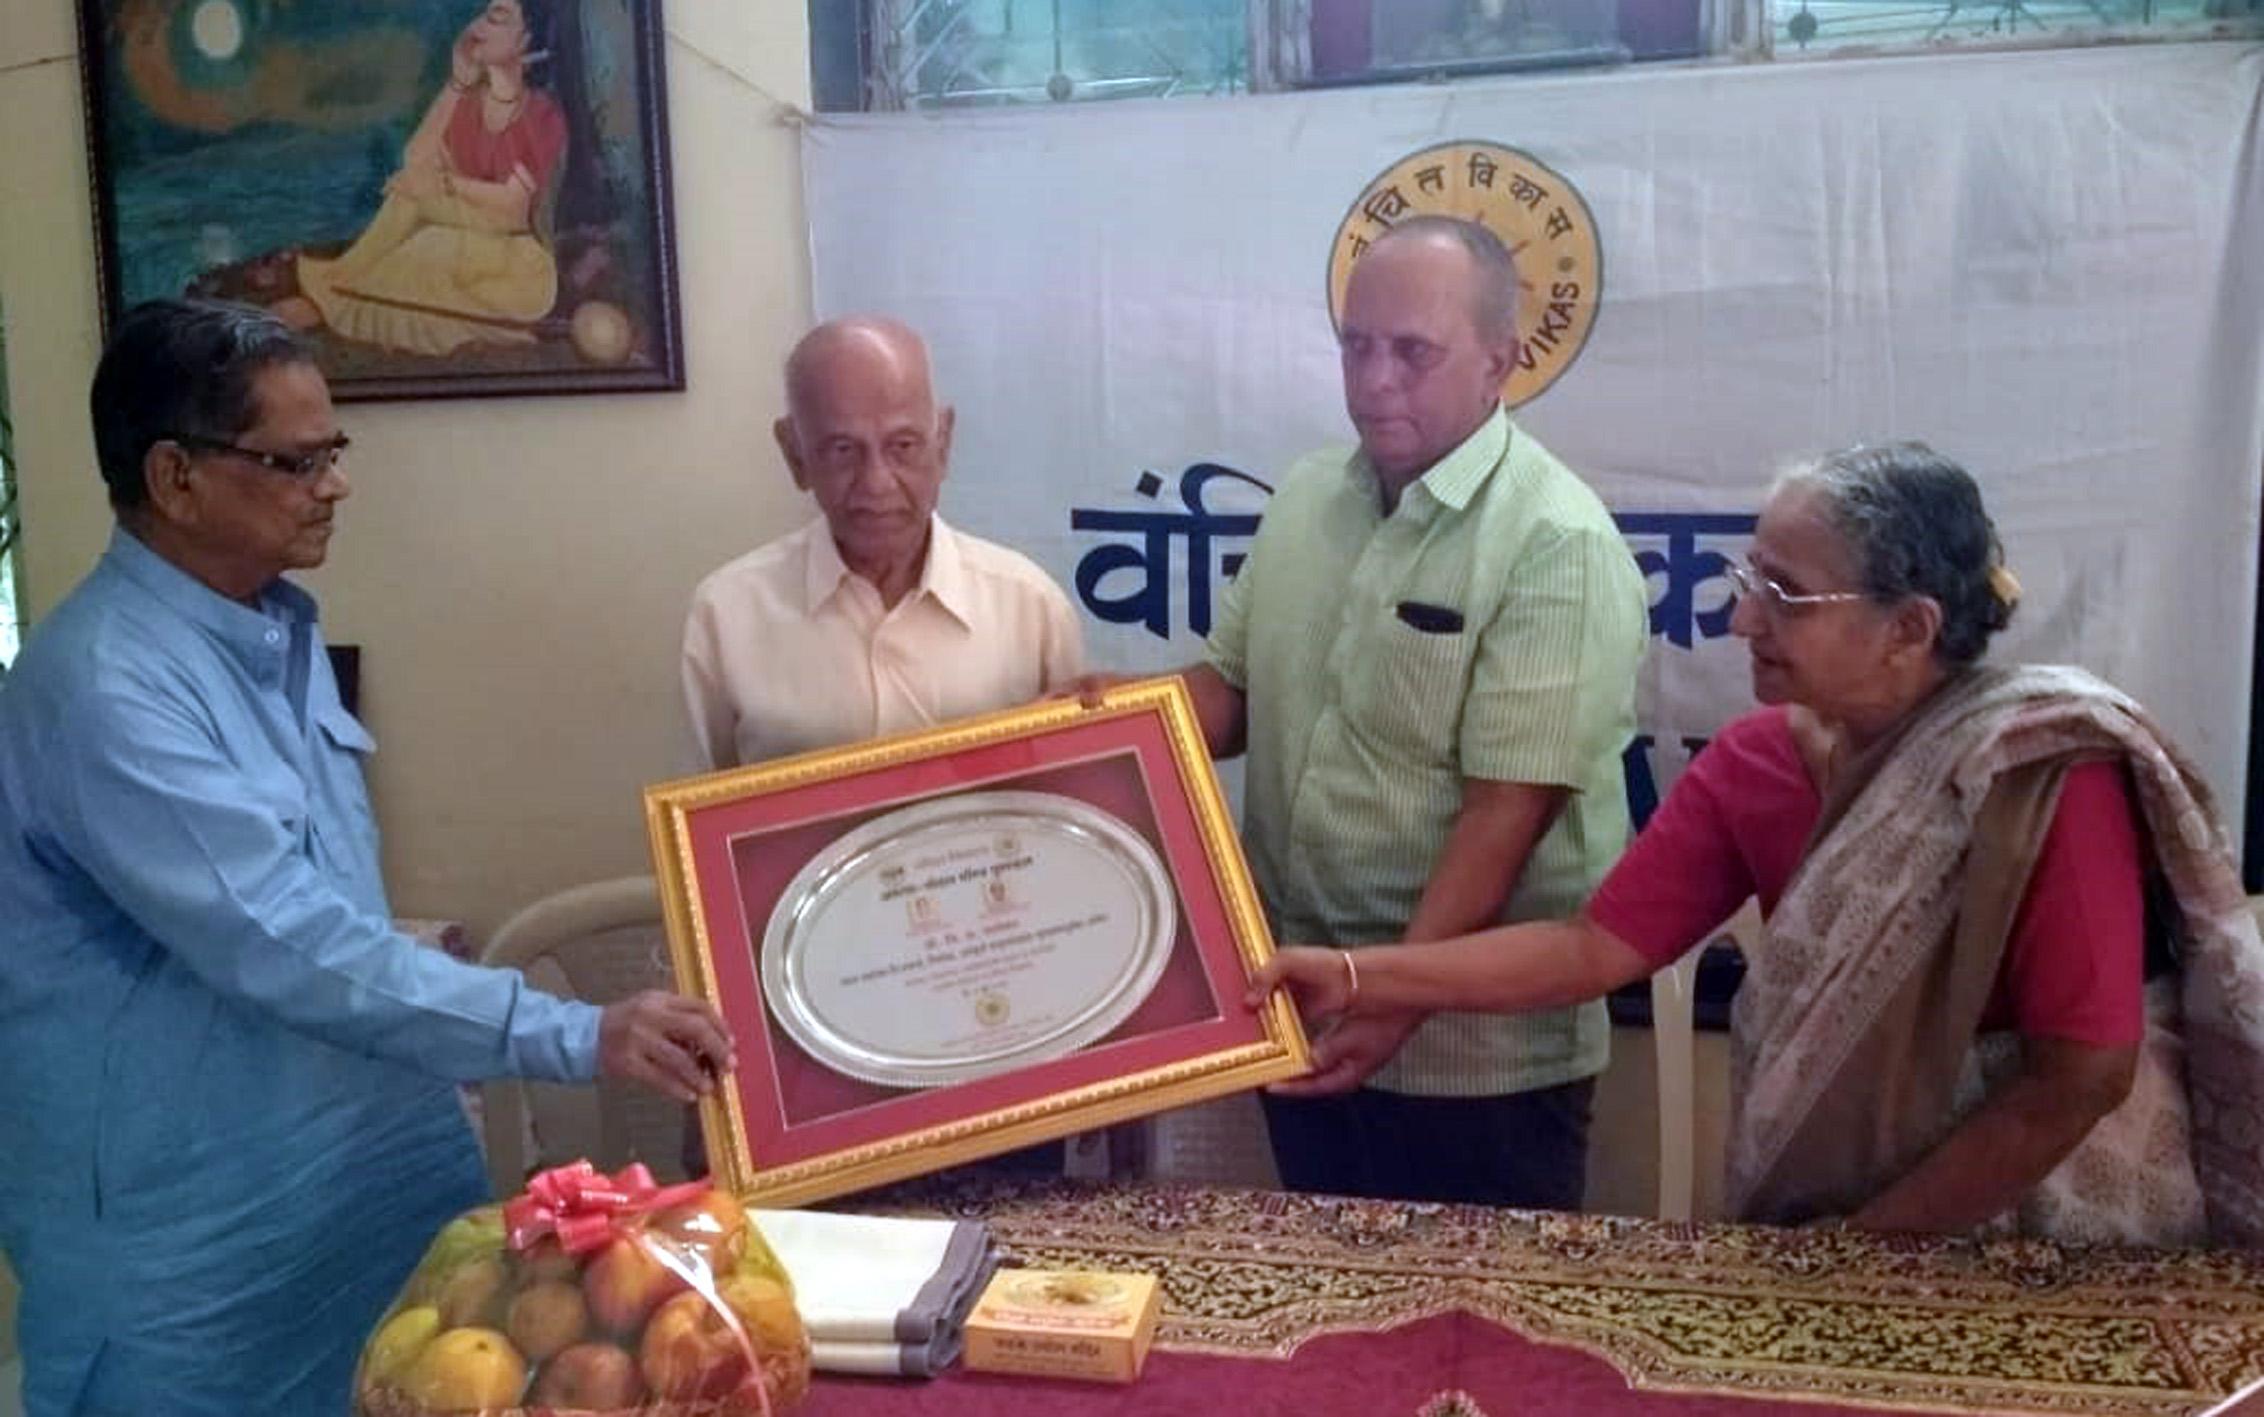 दानशूर व्यक्तींमुळेच समाजकार्य उभे राहते -प्रा. विलास चाफेकर